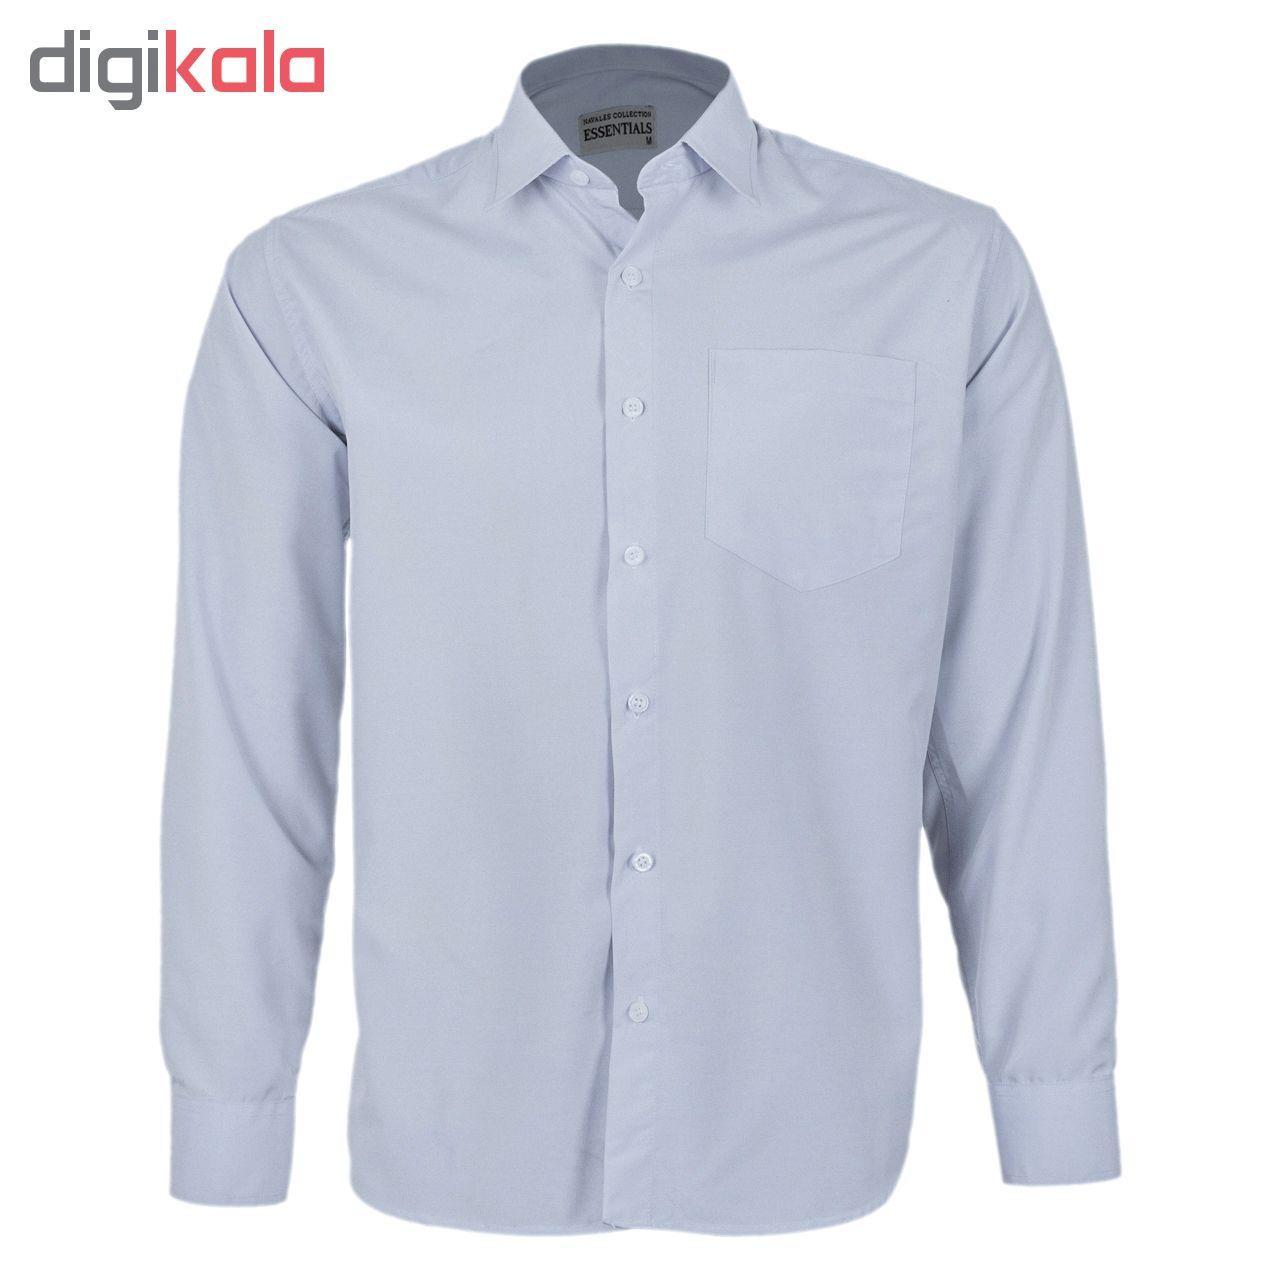 پیراهن مردانه ناوالس کد RegularFit-Tet-Lgy -  - 3